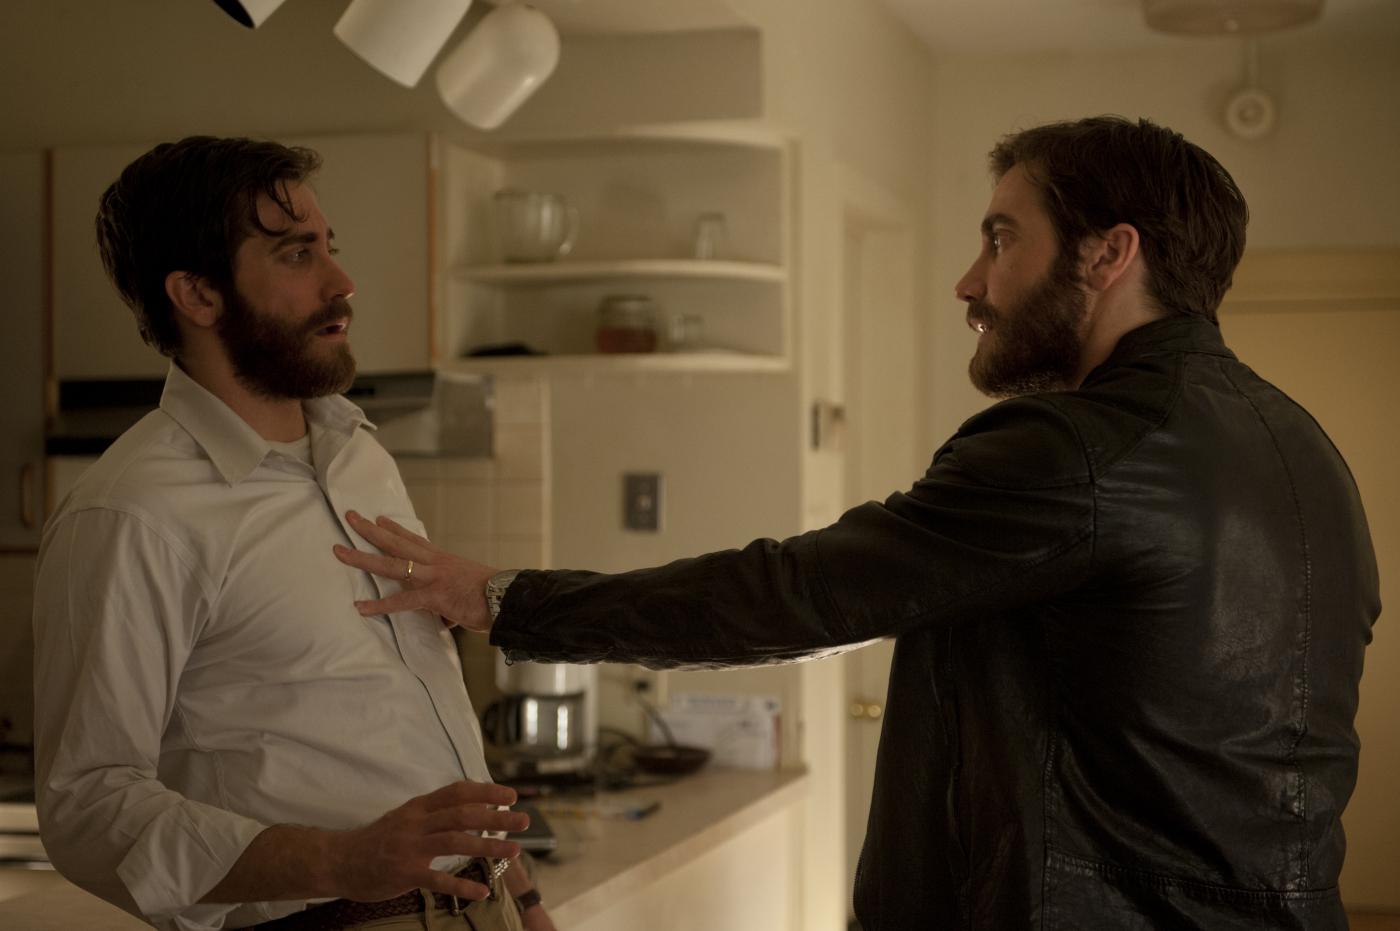 Movie Review: Jake Gyllenhaal Is Up Against Himself in 'Enemy'